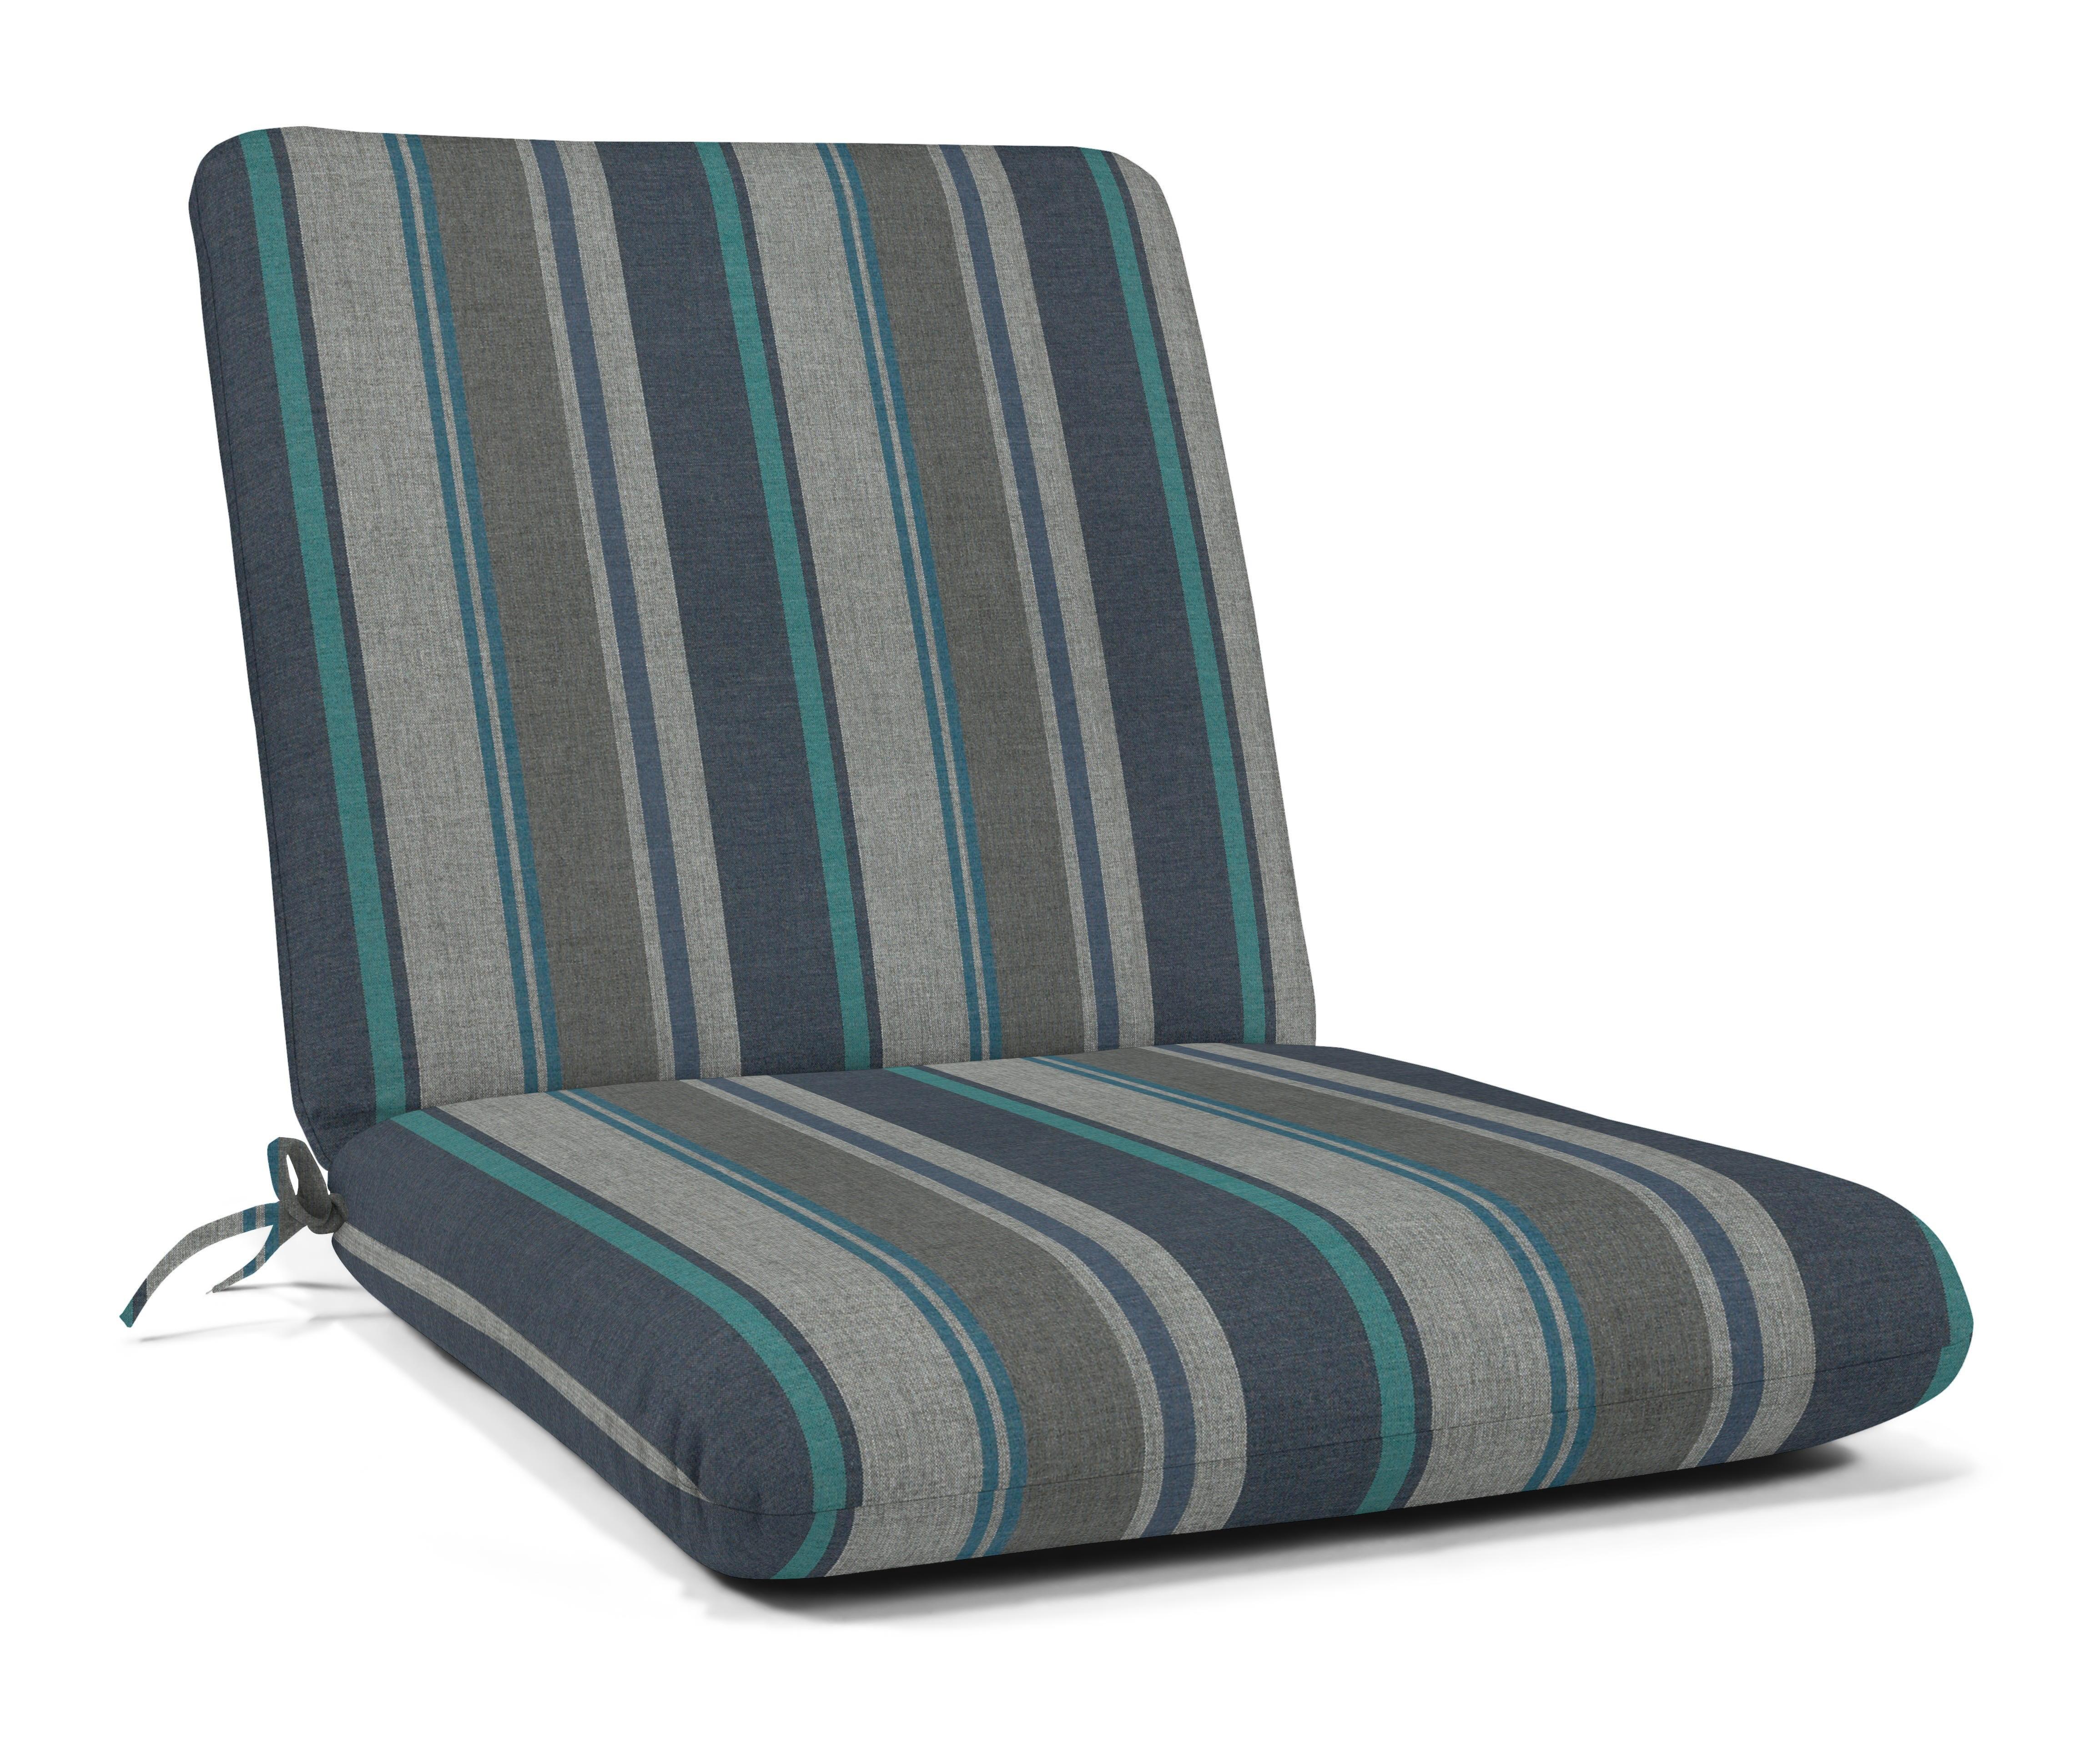 Sunbrella Striped Hinged Chair Cushion